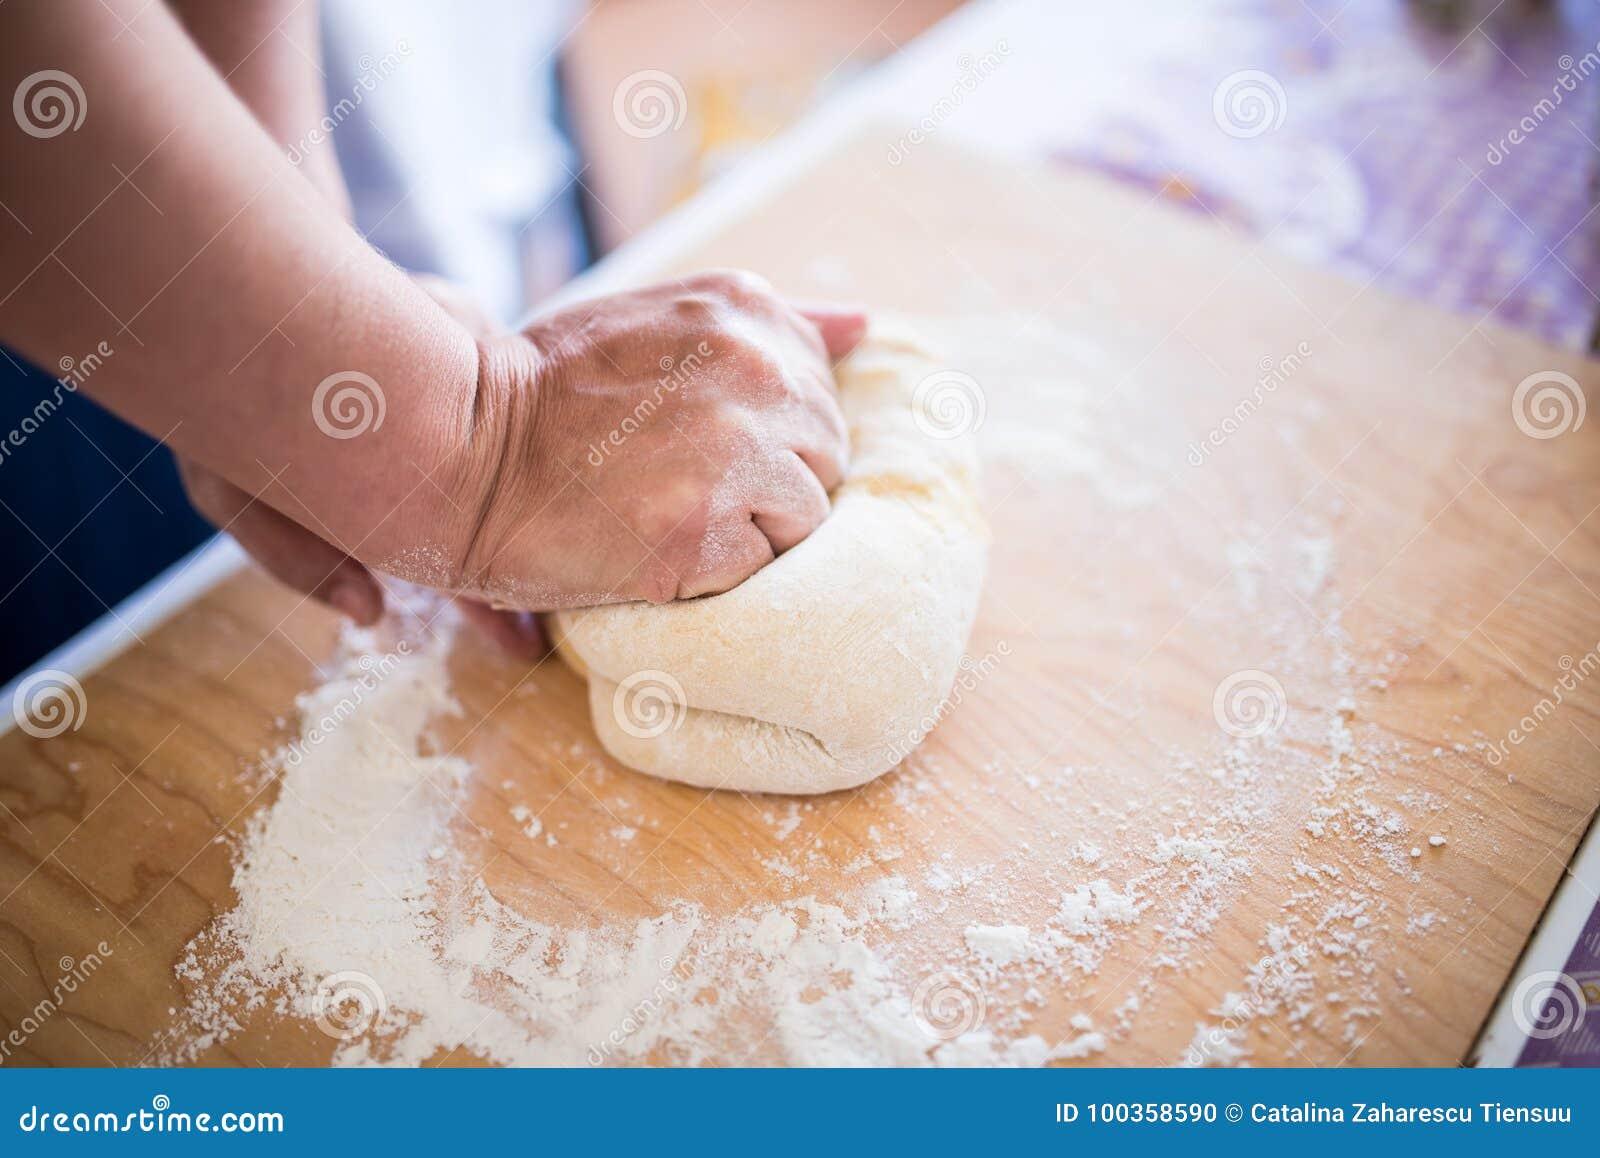 揉面团面团面包的妇女手